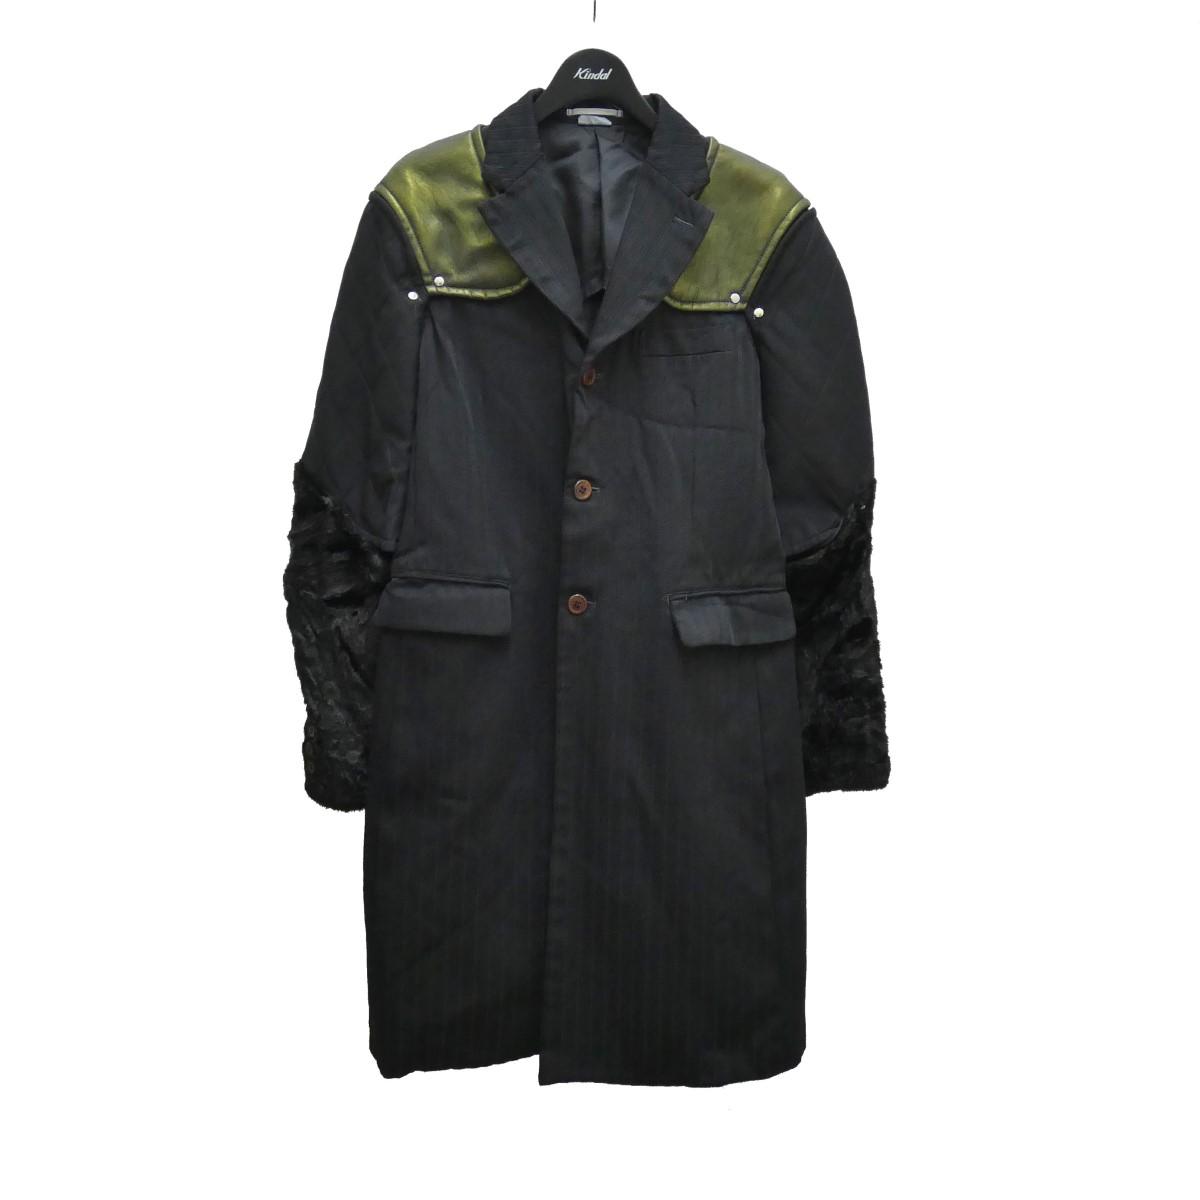 コムデギャルソンオムプリュス 中古 COMME des GARCONS HOMME ブラック 全商品オープニング価格 240821 サイズ:S 超特価 平和の鎧 デザインコート PLUS